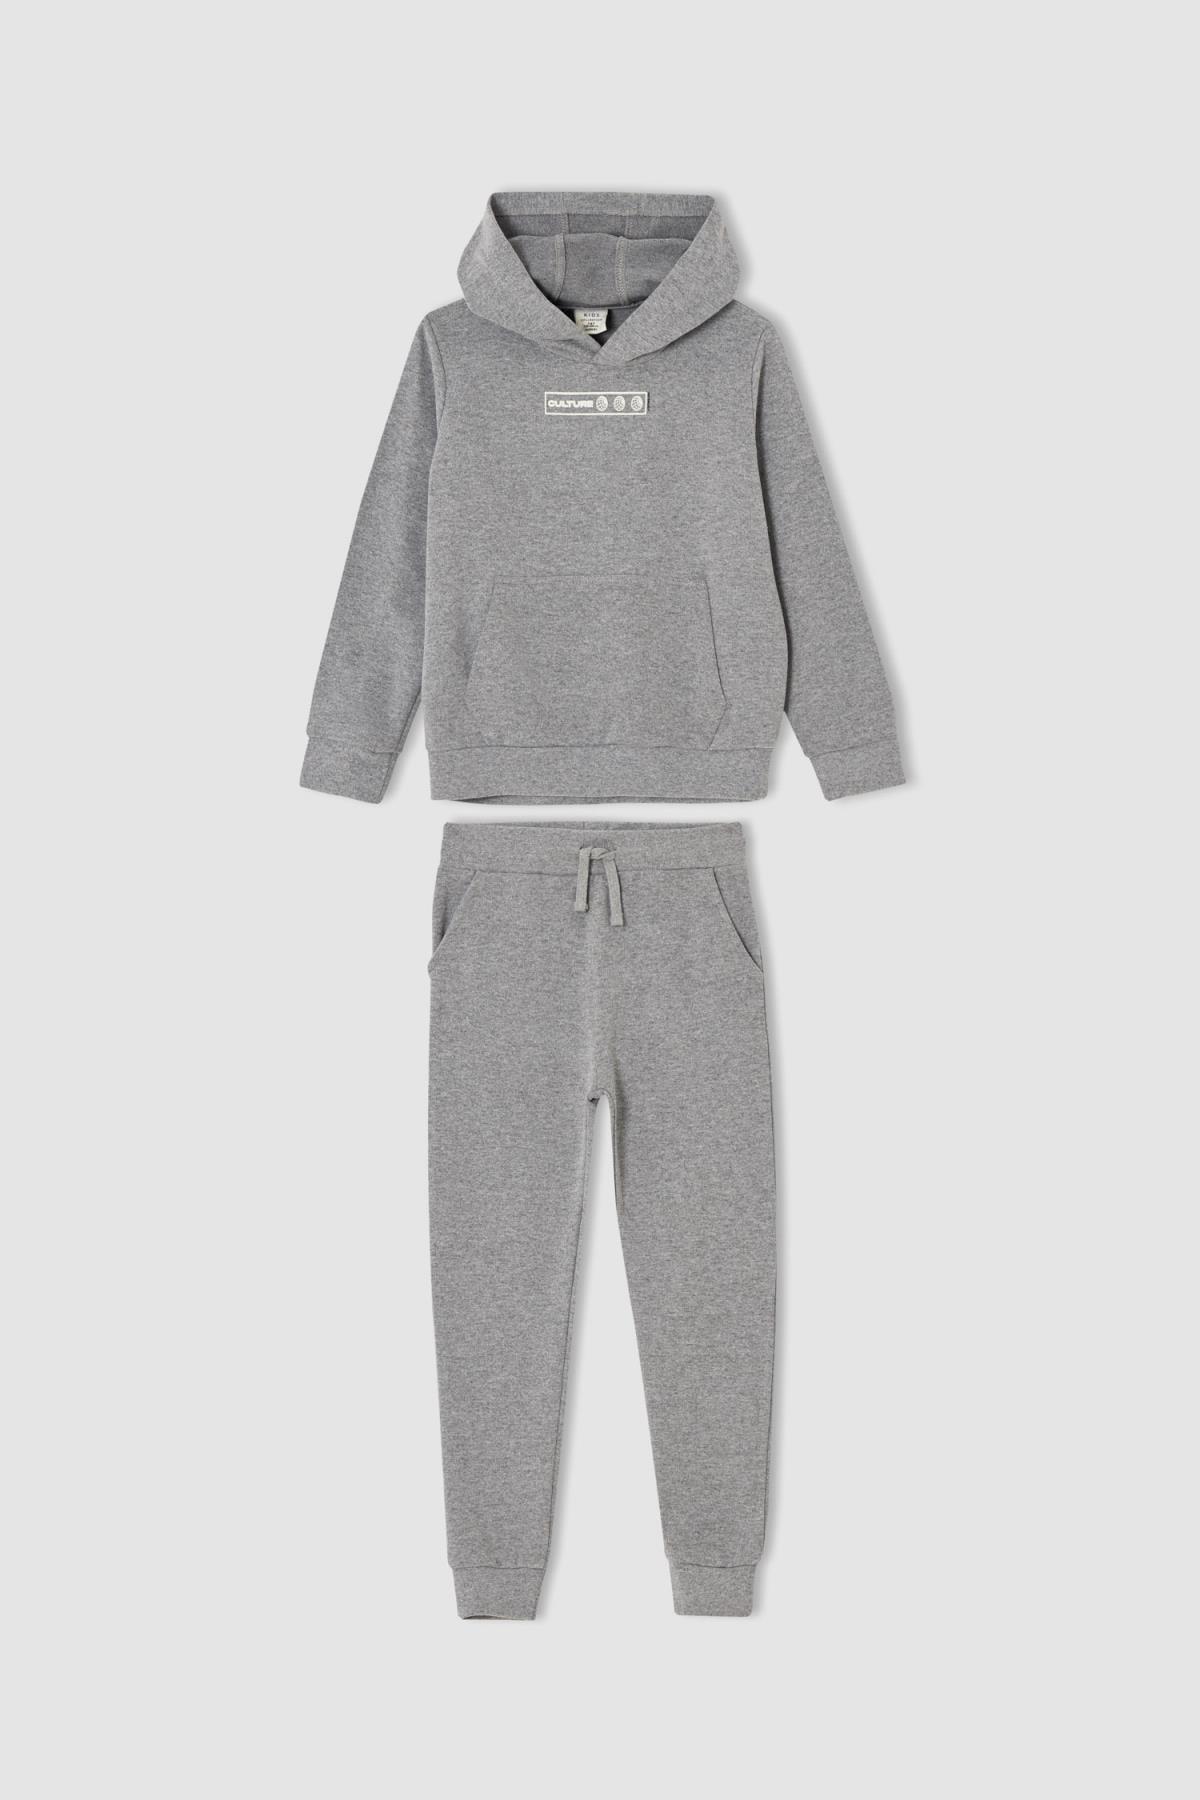 DeFacto Gri Erkek Çocuk Sırtı Aslan Baskılı Sweatshirt ve Jogger Eşofman Alt Takımı V0809A621AU